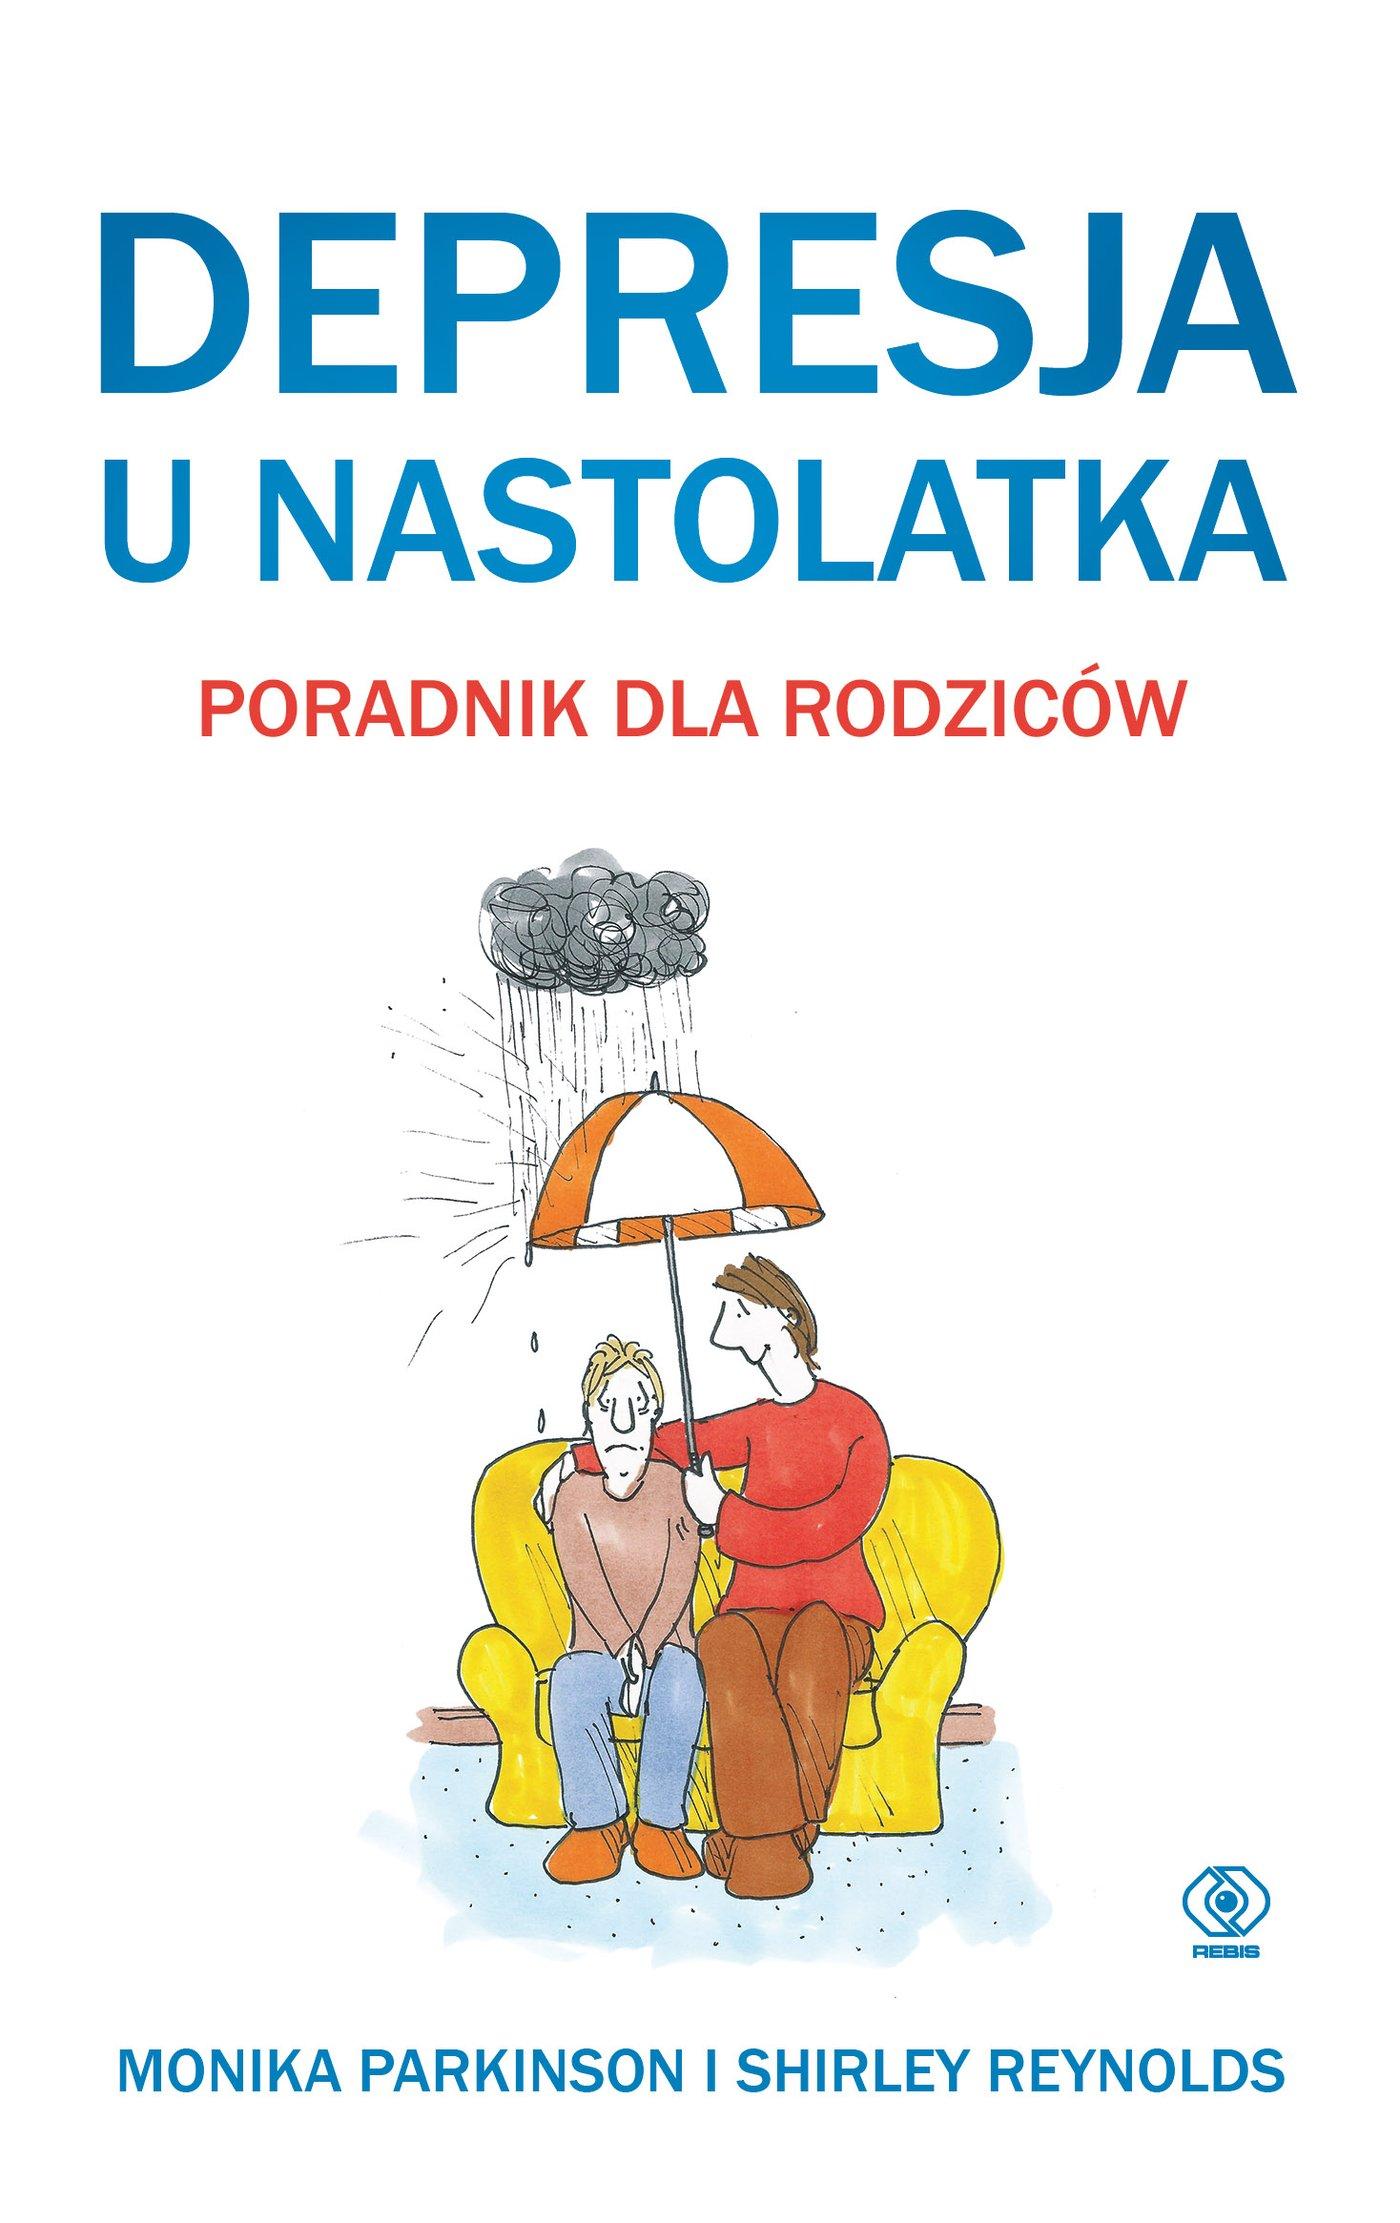 Depresja u nastolatka. Poradnik dla rodziców - Ebook (Książka EPUB) do pobrania w formacie EPUB